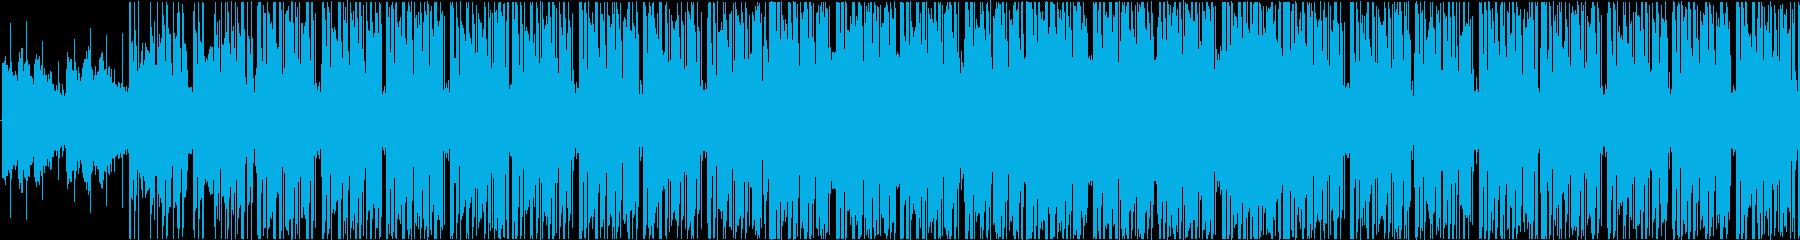 おだやか/シンプル/ループの再生済みの波形